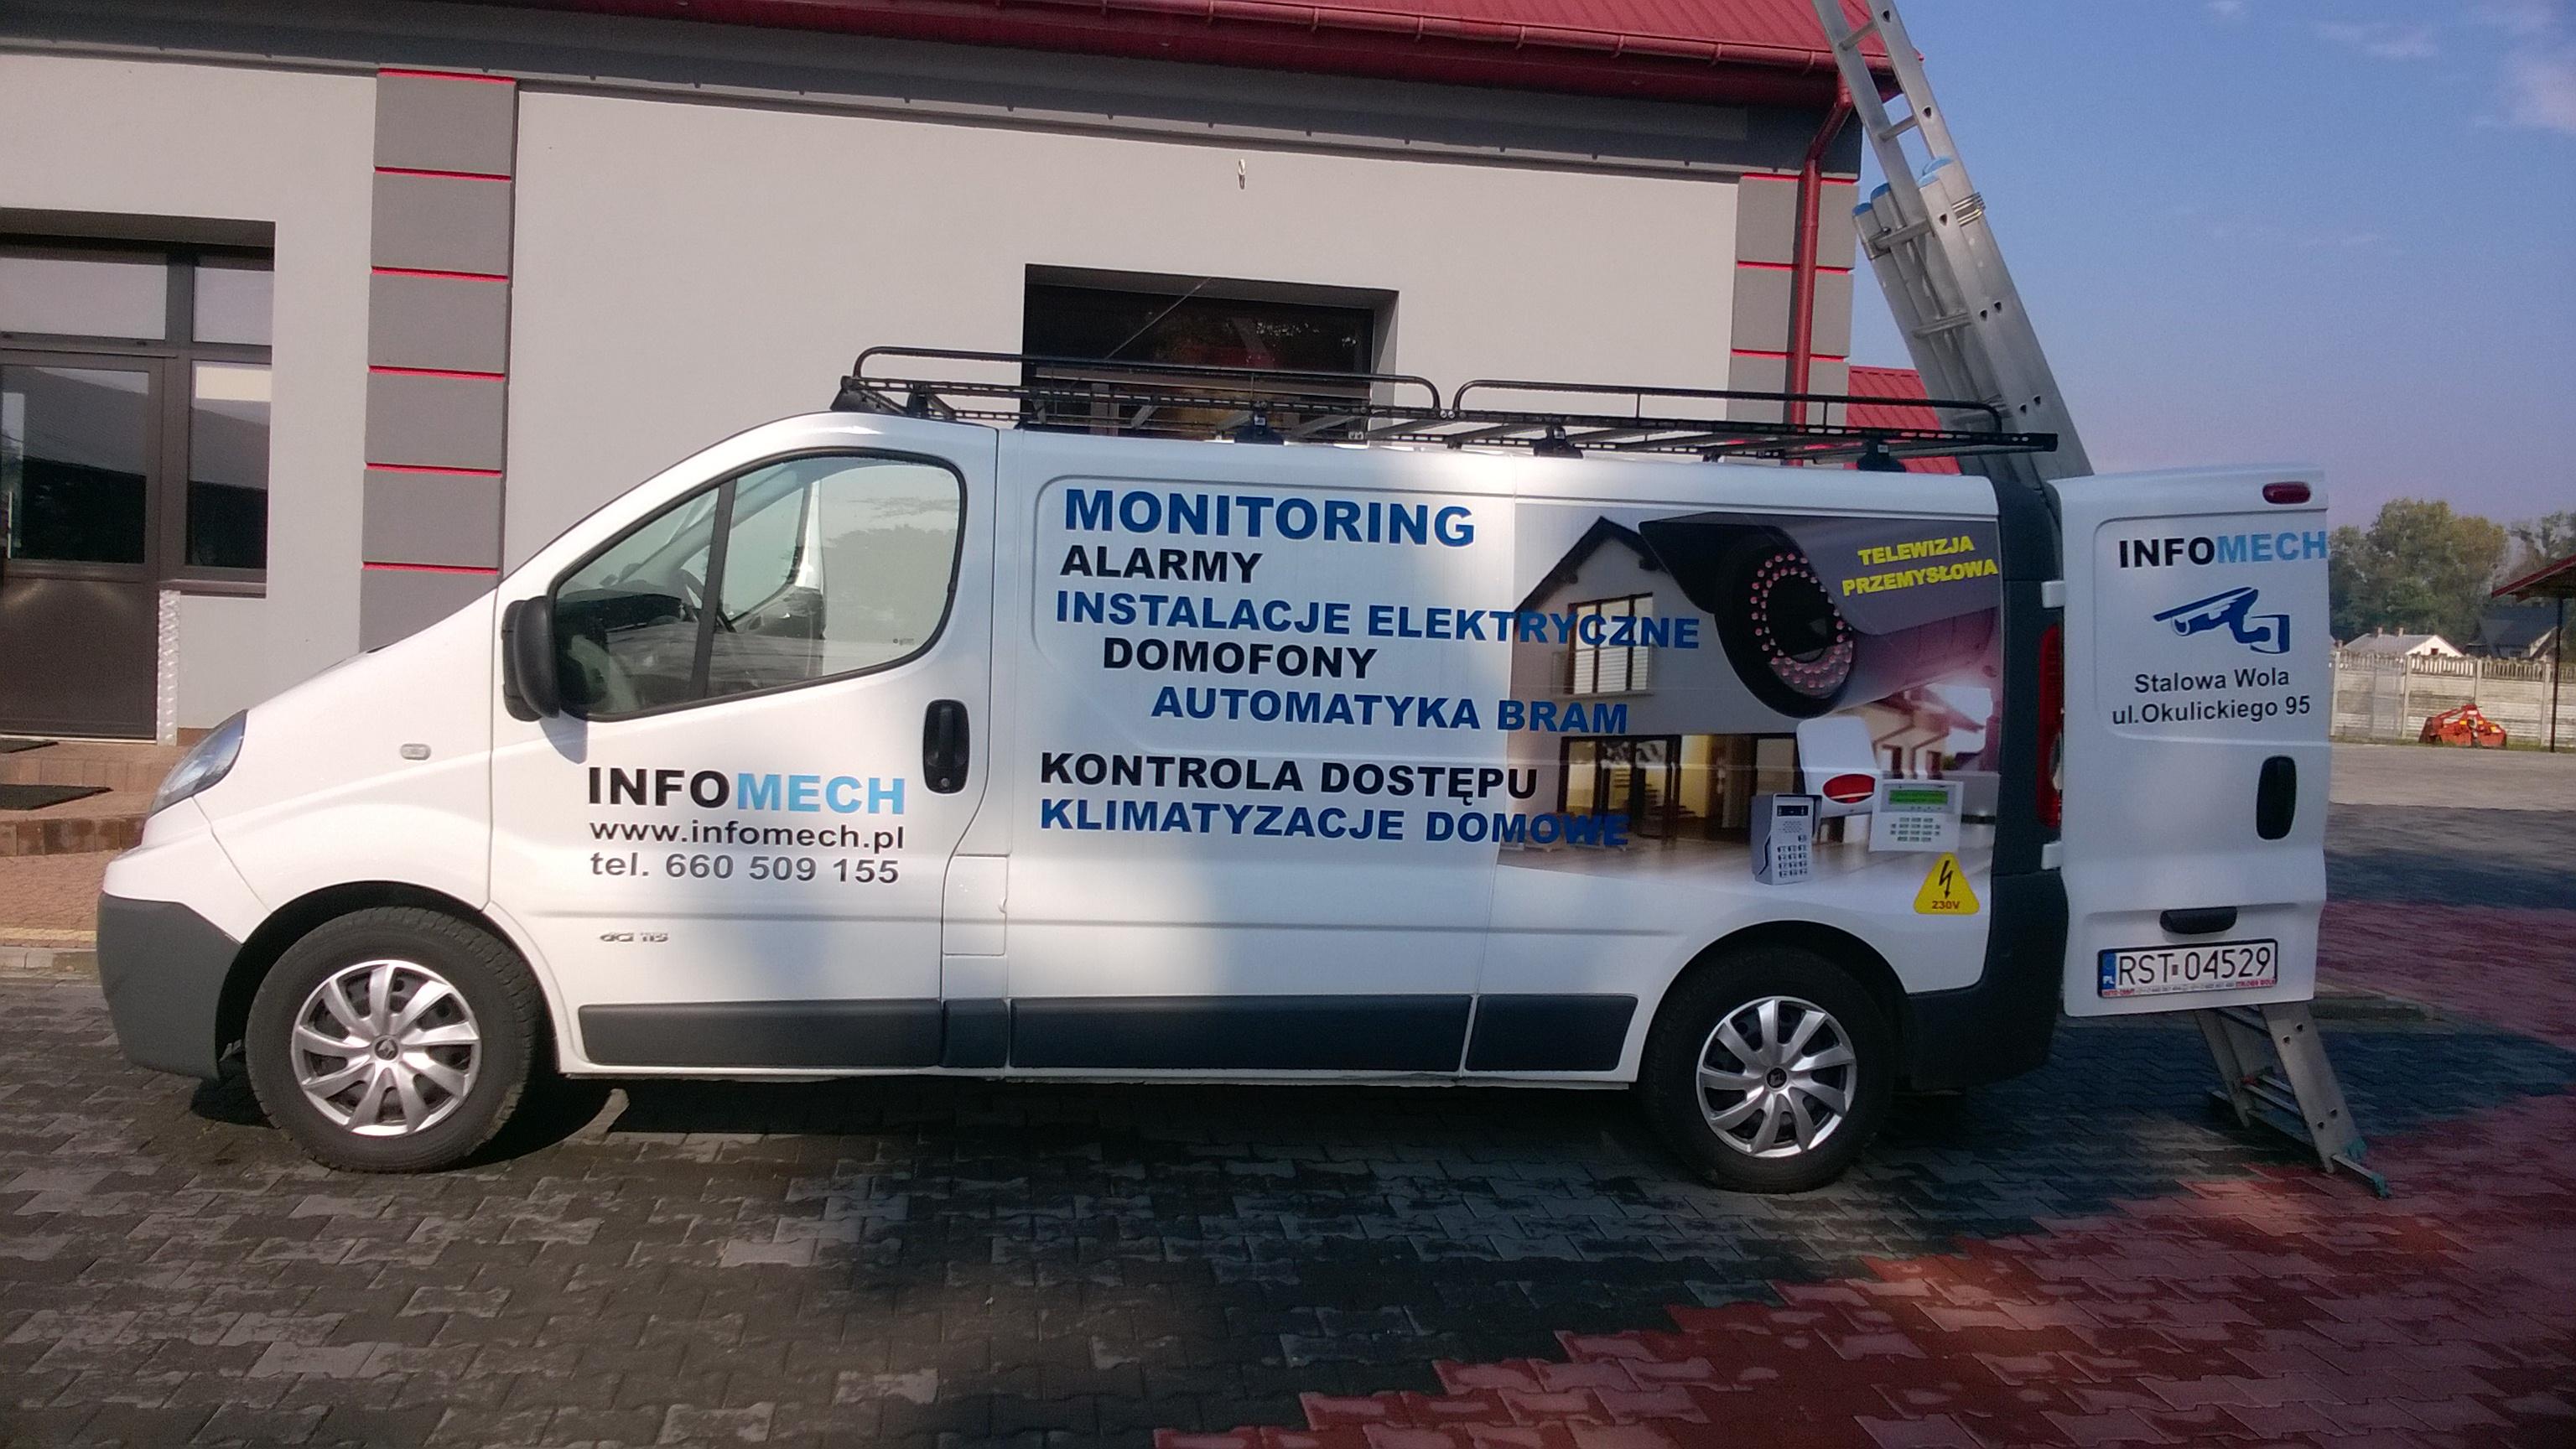 bus-techniczny-infomech-instalacje-elektryczne-i-teletechniczne-stalowa-wola-monitoring-bilgoraj-monitoring-zamosc-monitoring-stalowa-wola-infomech-mielec-alarmy-1